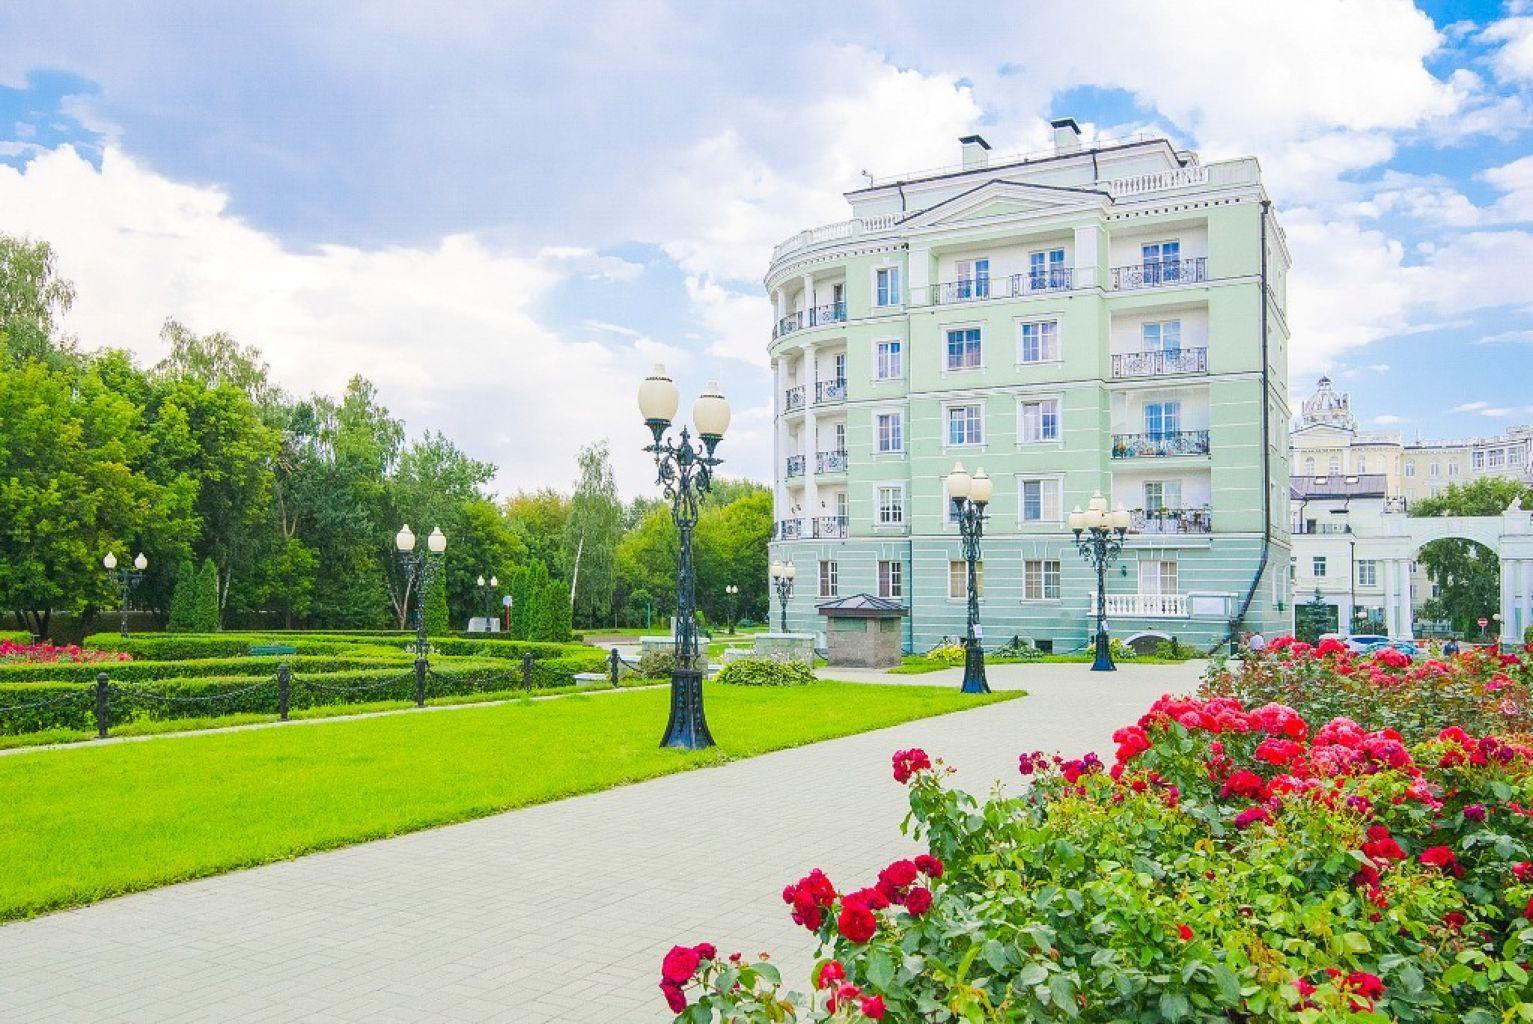 Фото ЖК Покровское-Глебово